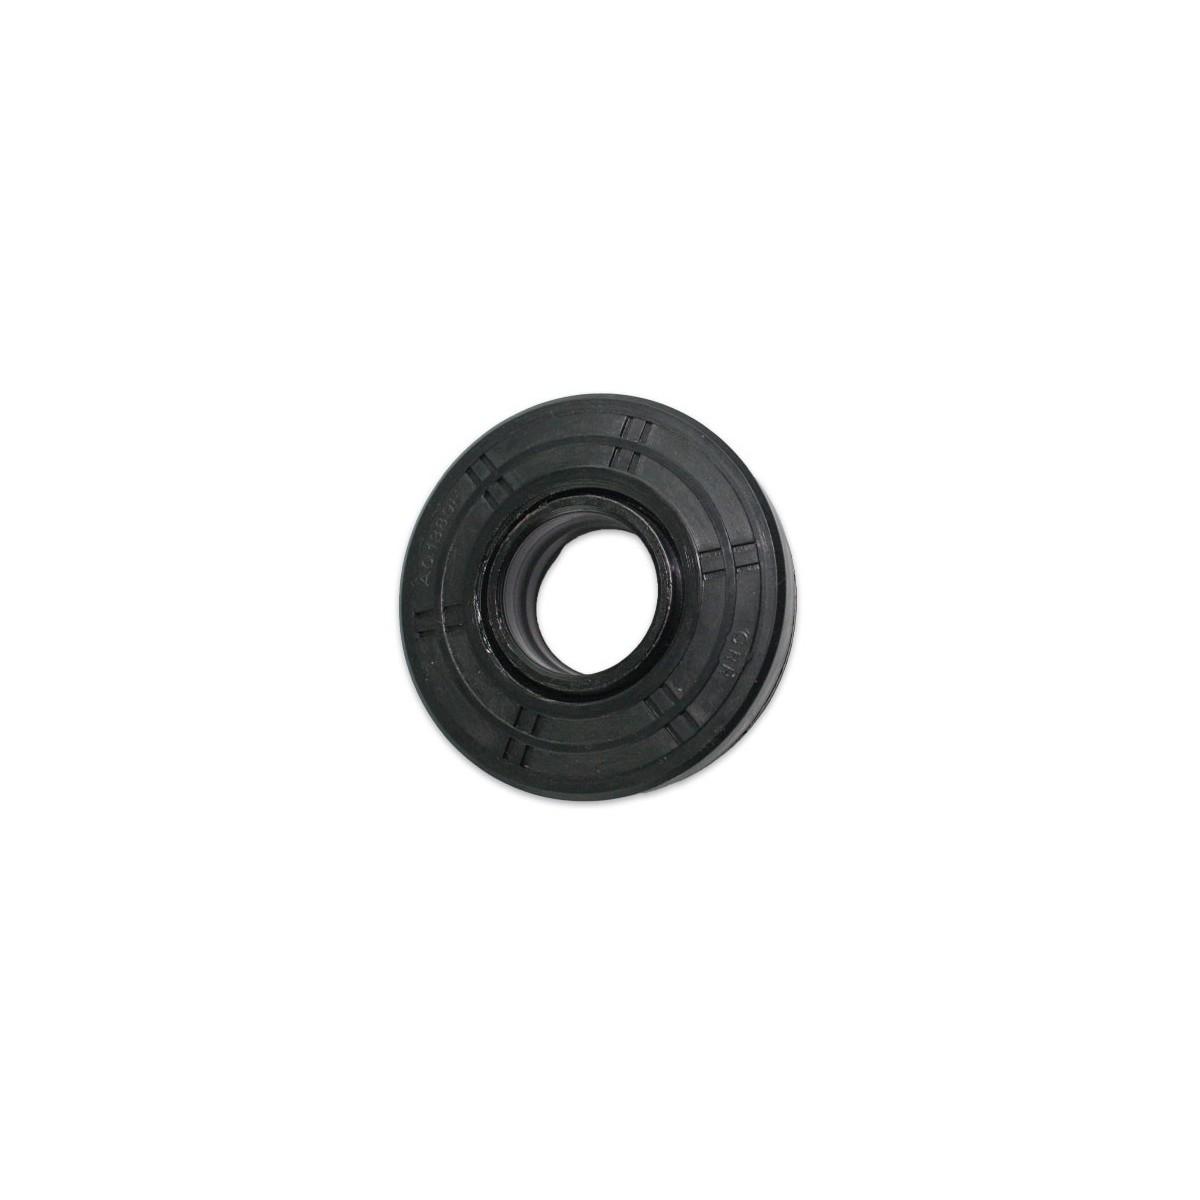 Kassettendichtmittel 25-62-14.16 mm AQ1389E Groß